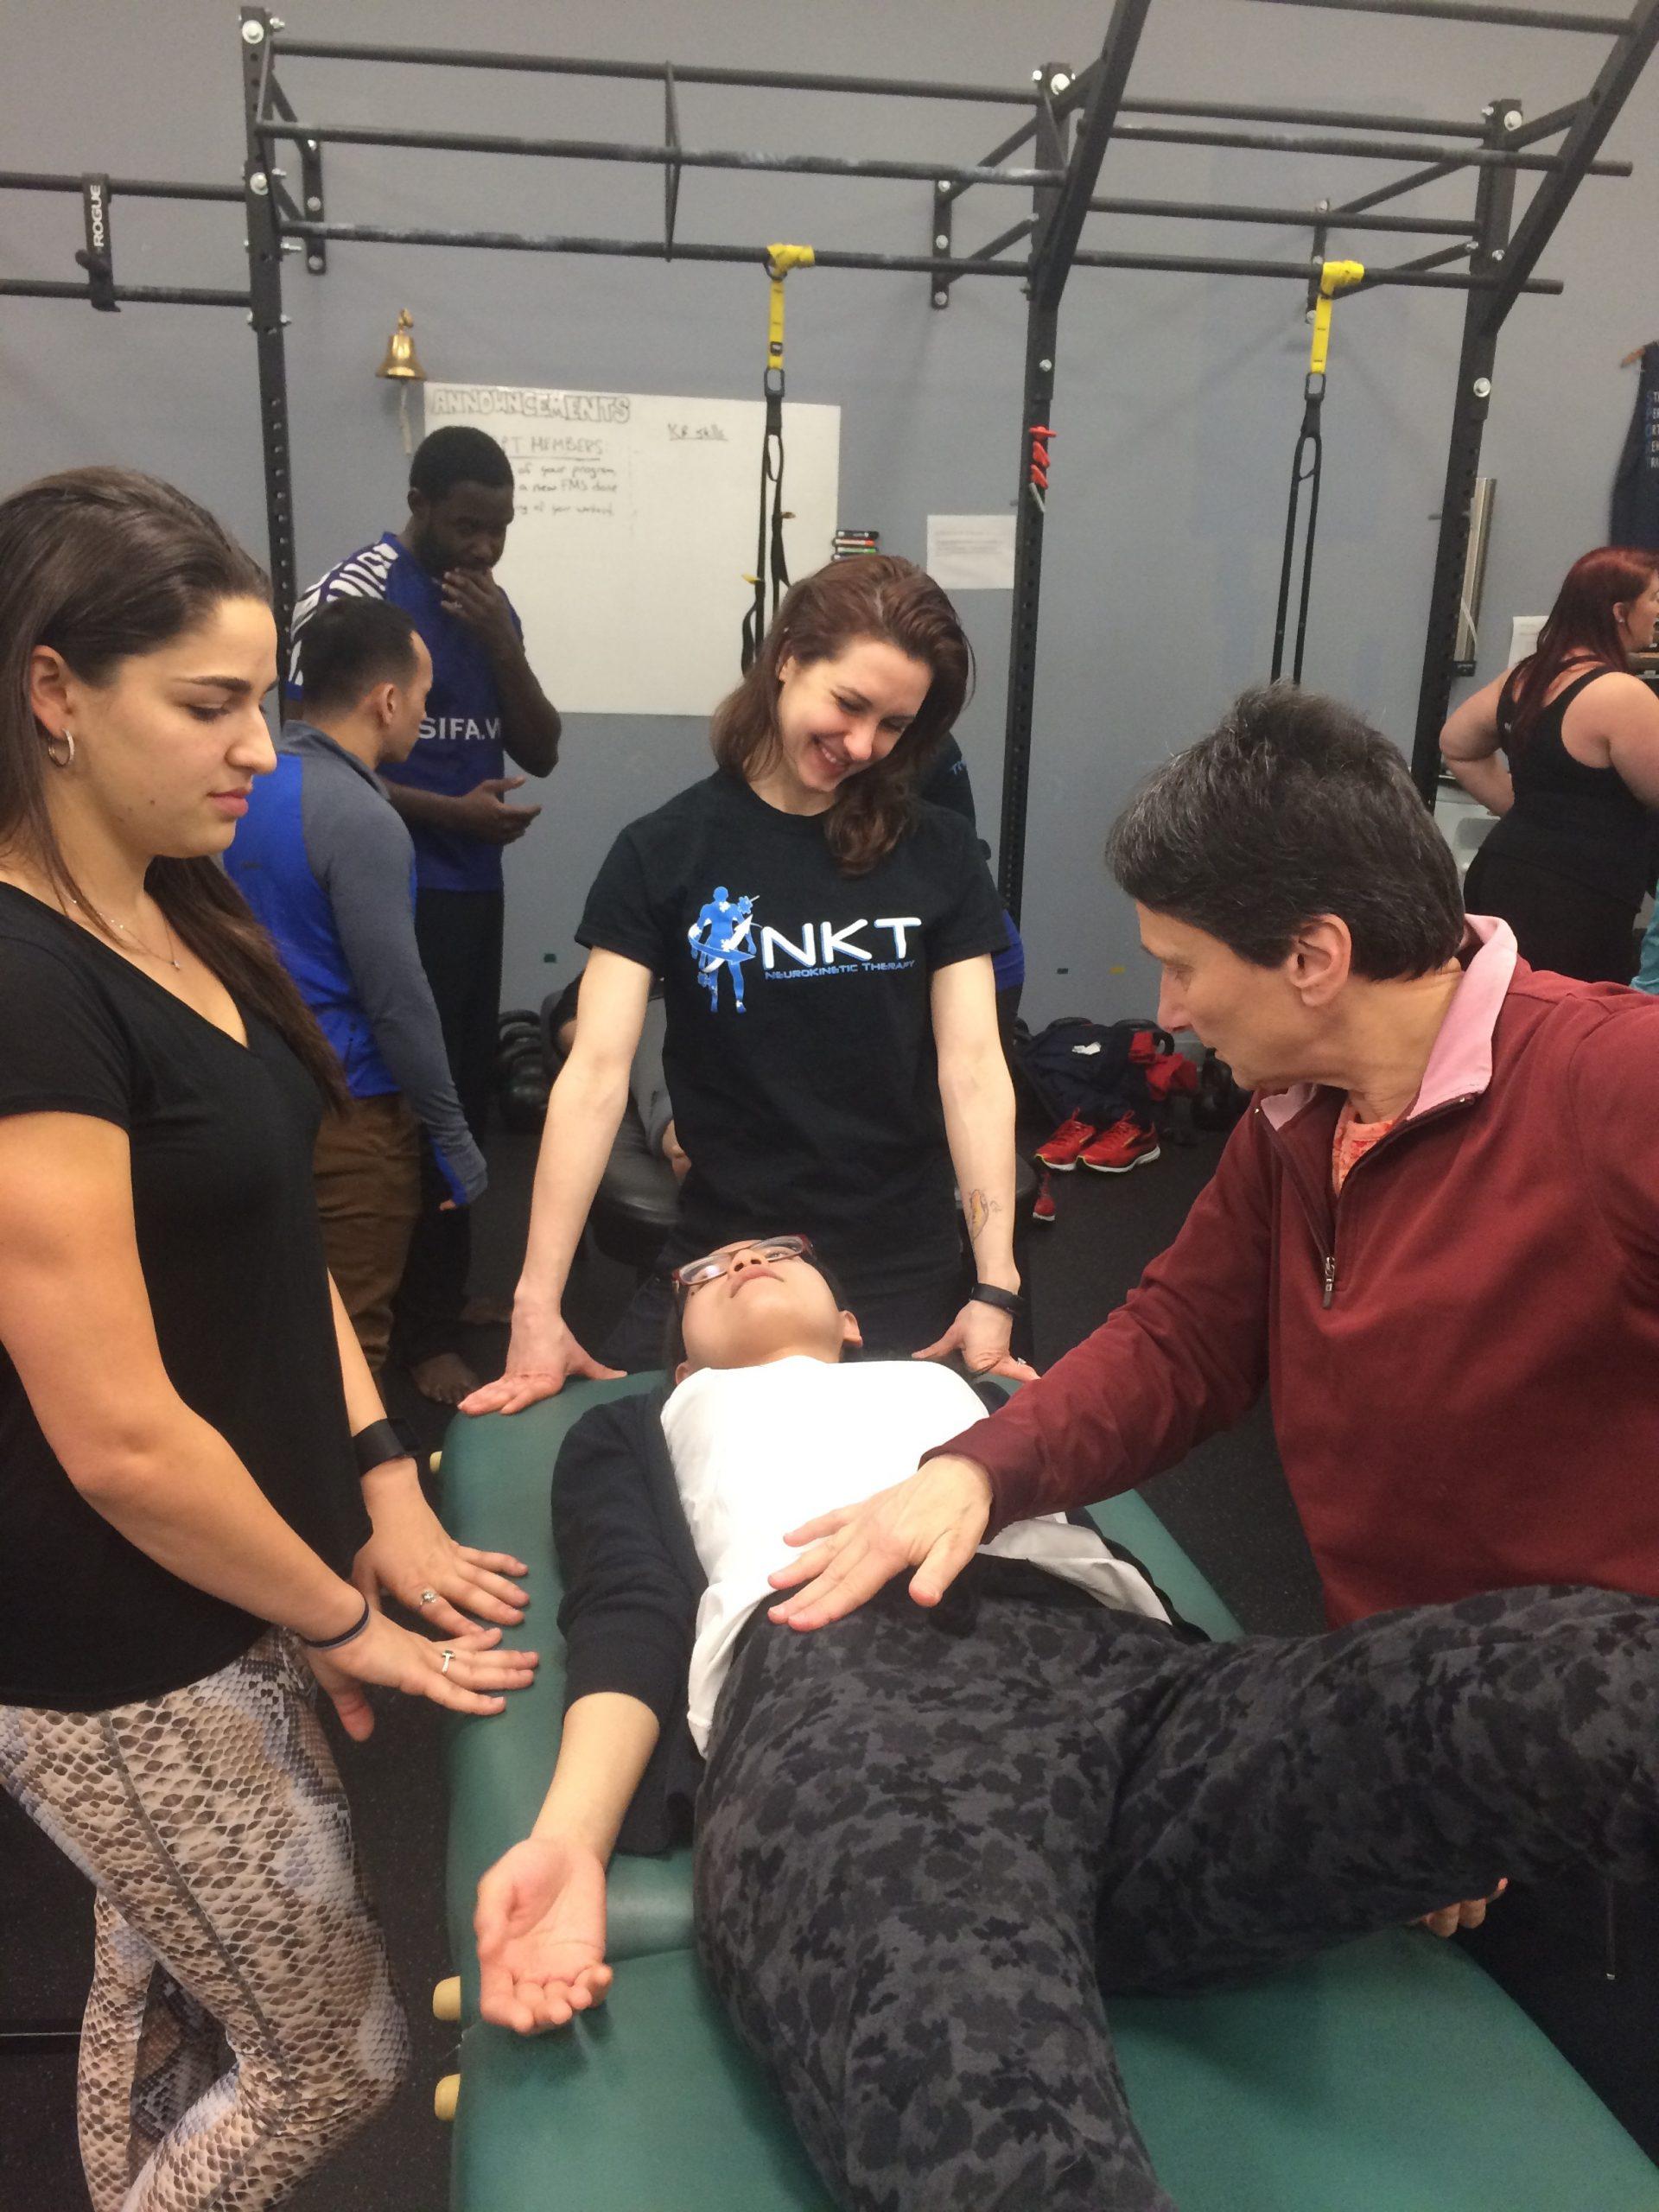 Beth Bergmann assisting NKT seminar.